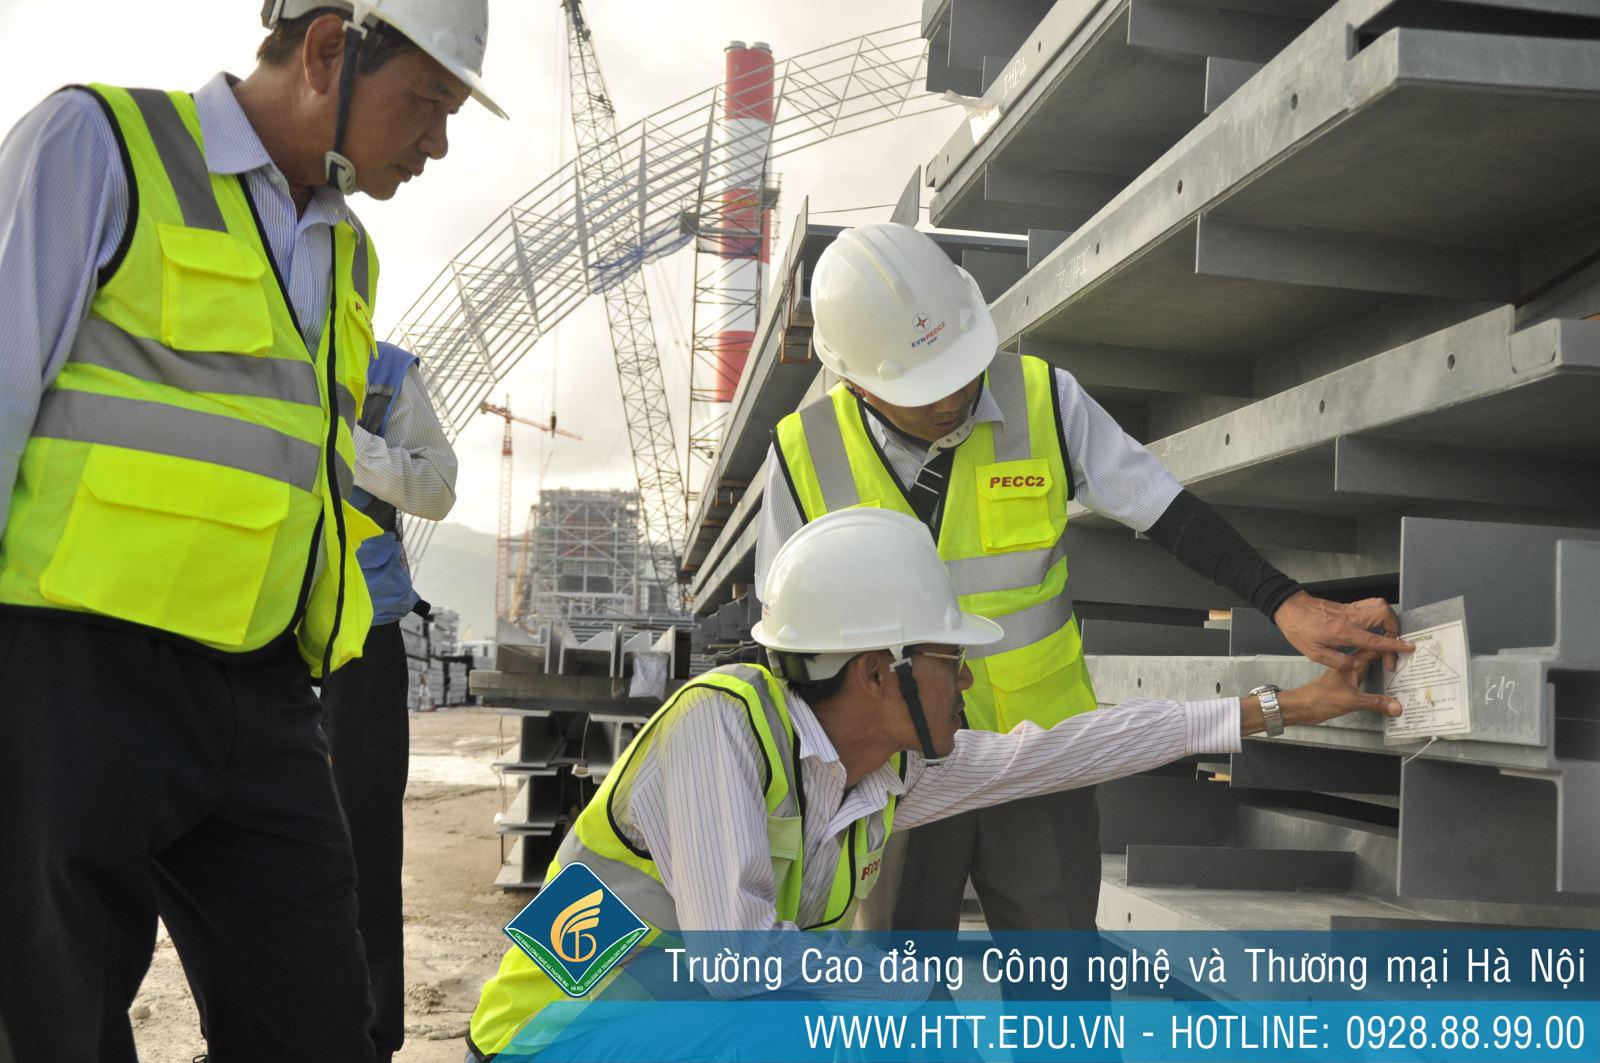 Xây dựng dân dụng và công trình giao thông